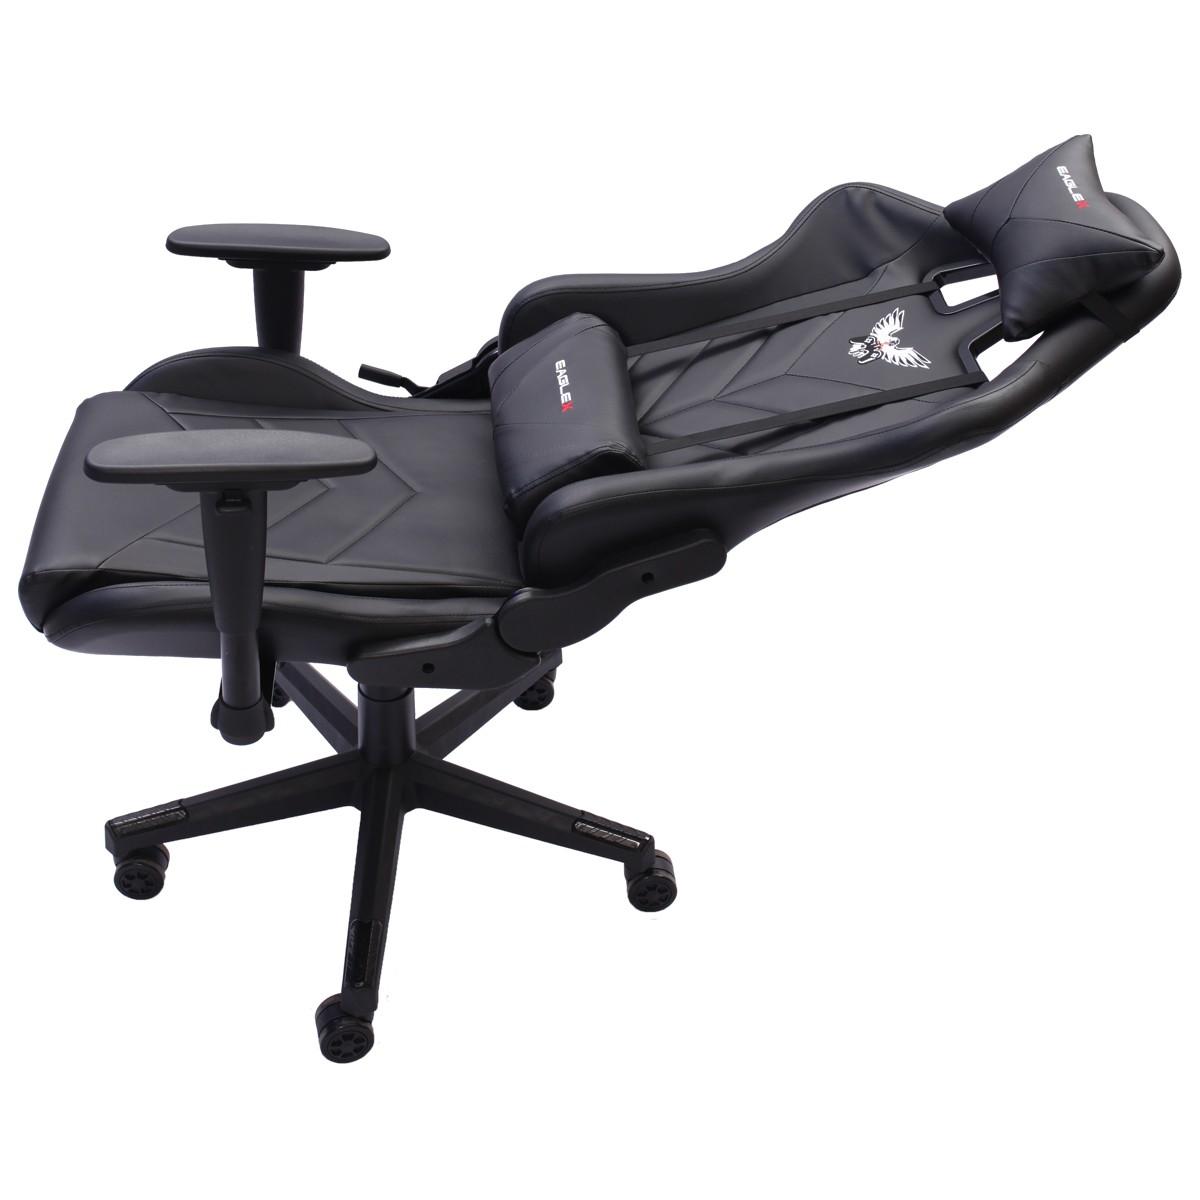 Cadeira Gamer EagleX Pro Giratória com Ajuste de Altura, Reclinável e Braços Ajustáveis Preto